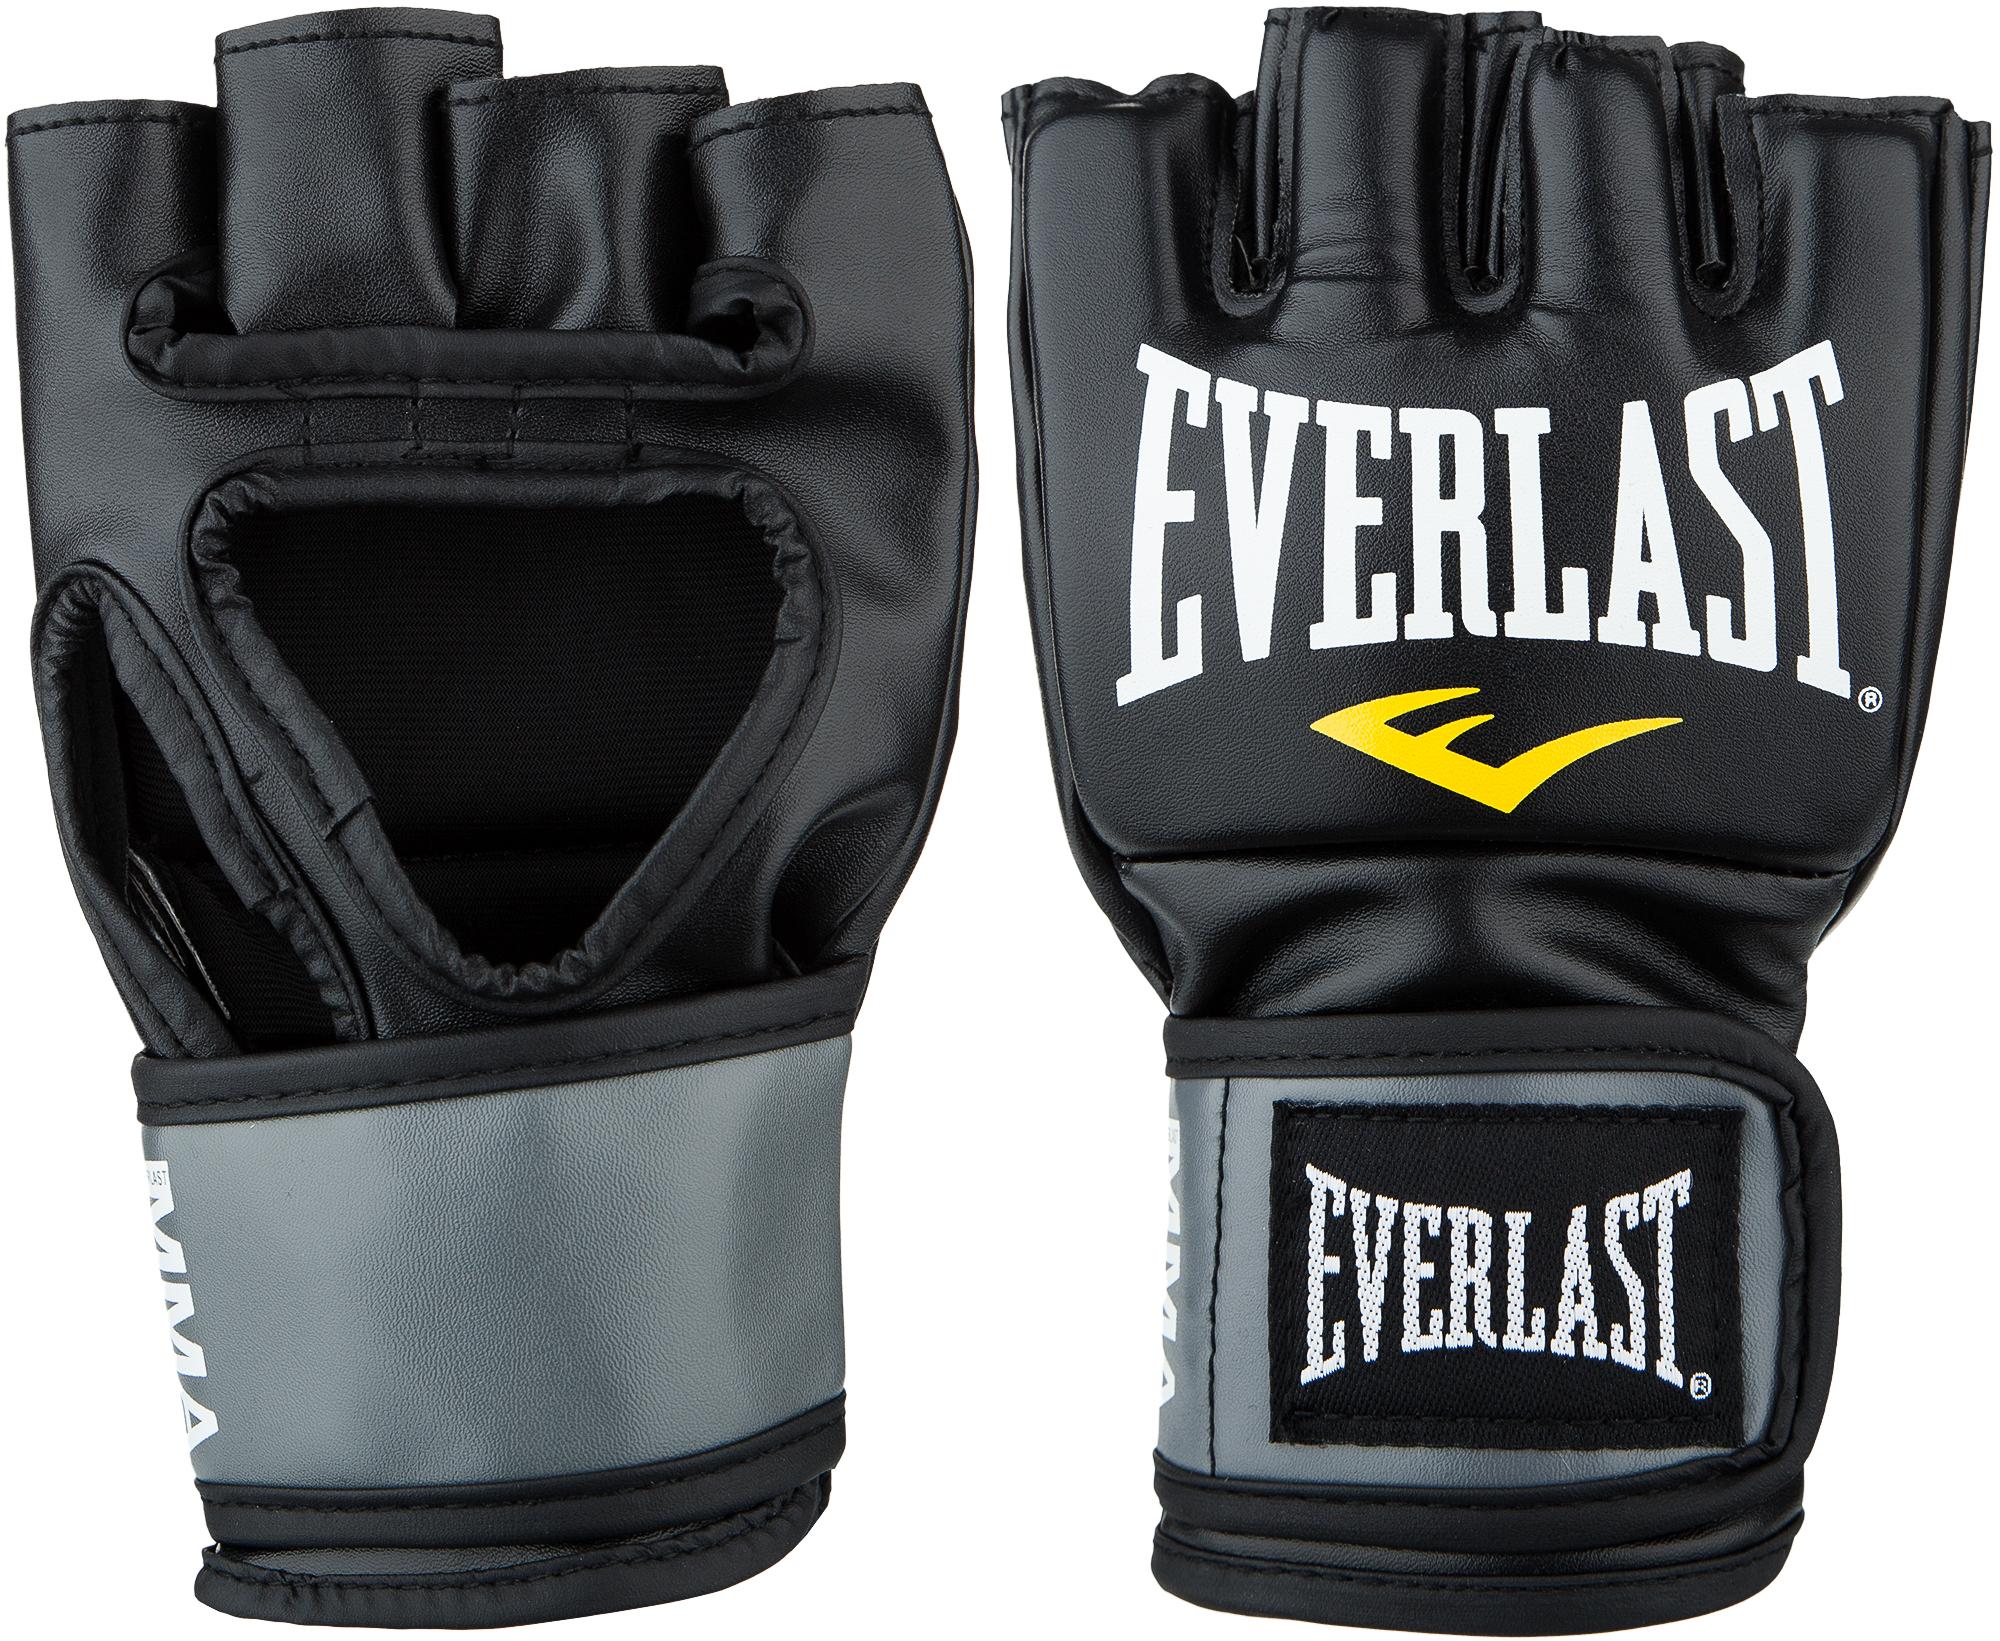 Everlast Перчатки тренировочные Everlast, размер S-M